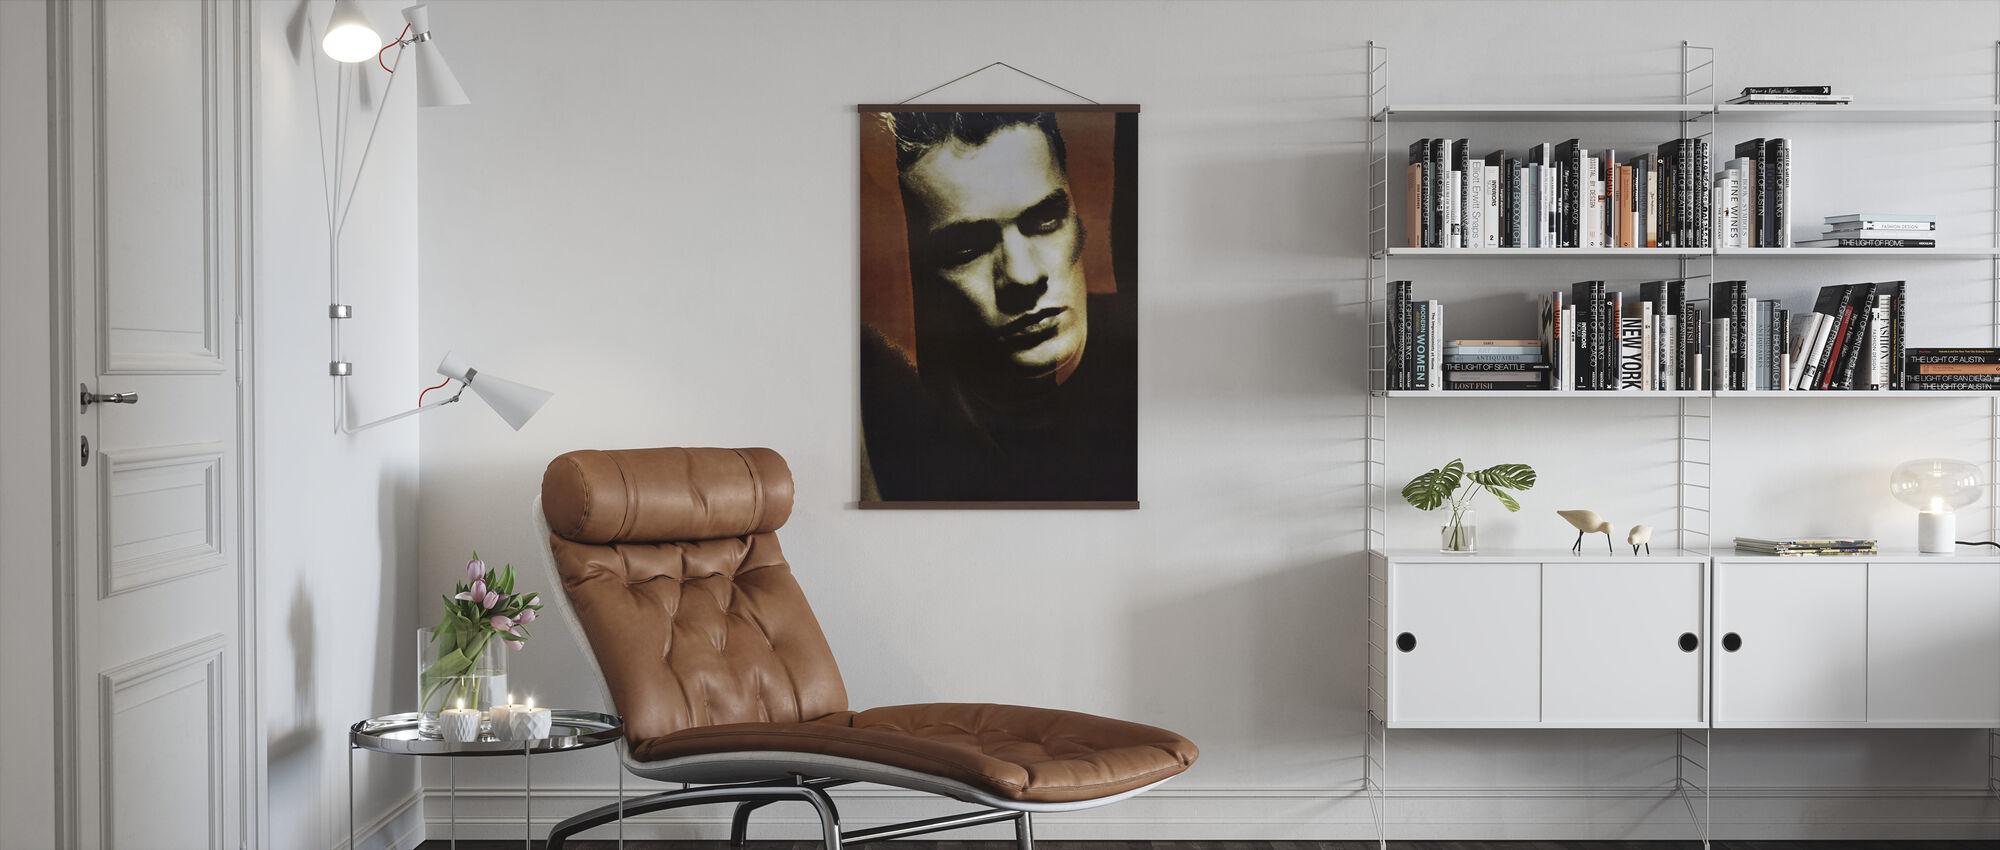 U2 rammelaar en hum - Poster - Woonkamer